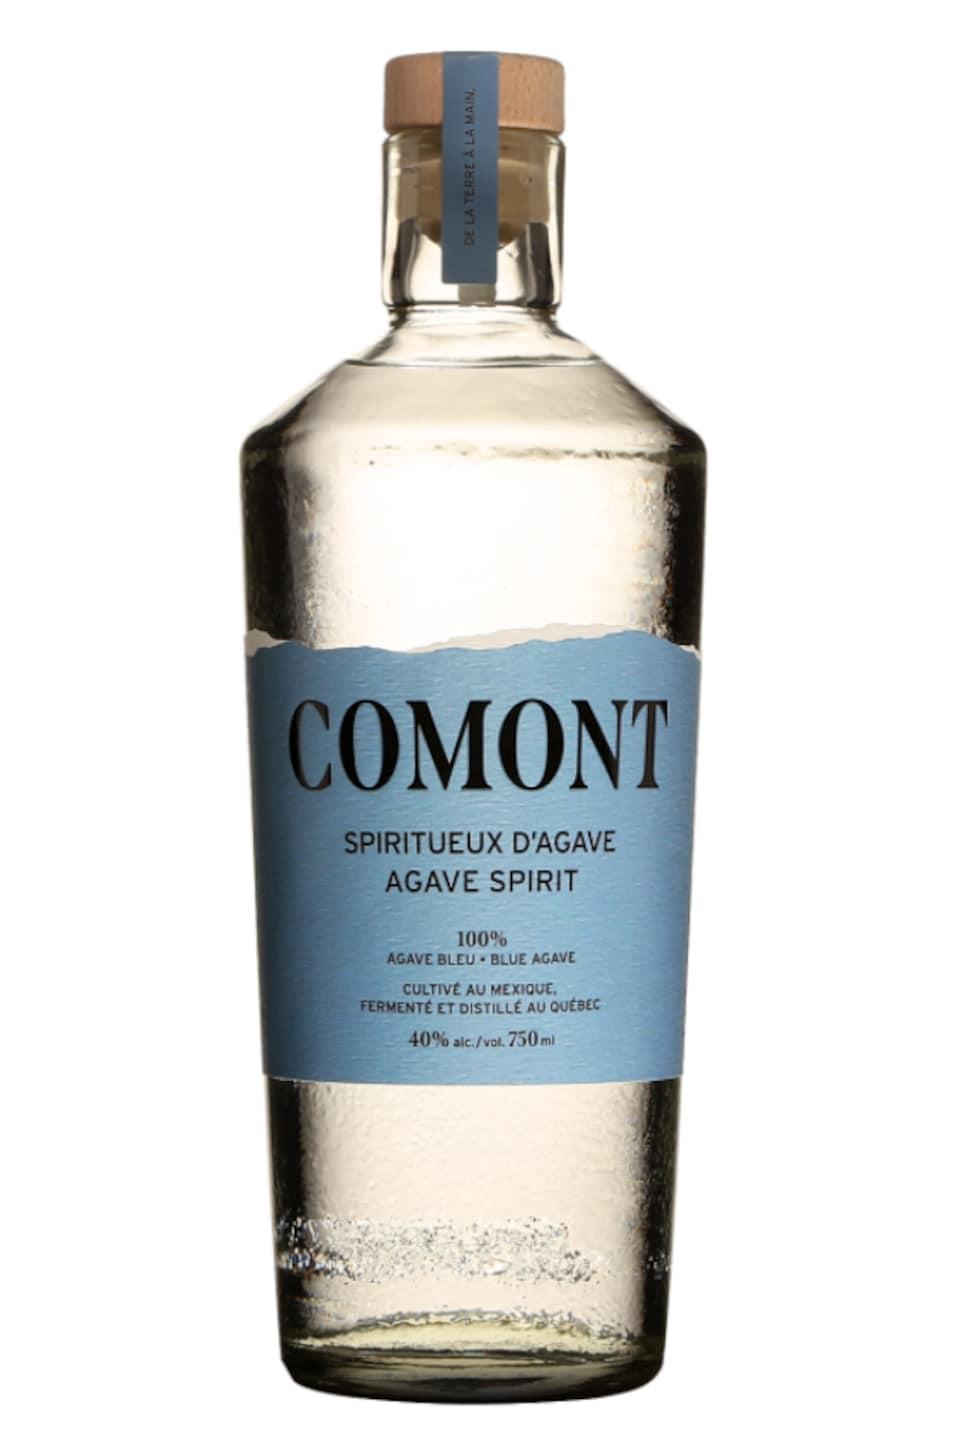 Une bouteille de spiritueux transparent avec une étiquette bleue.